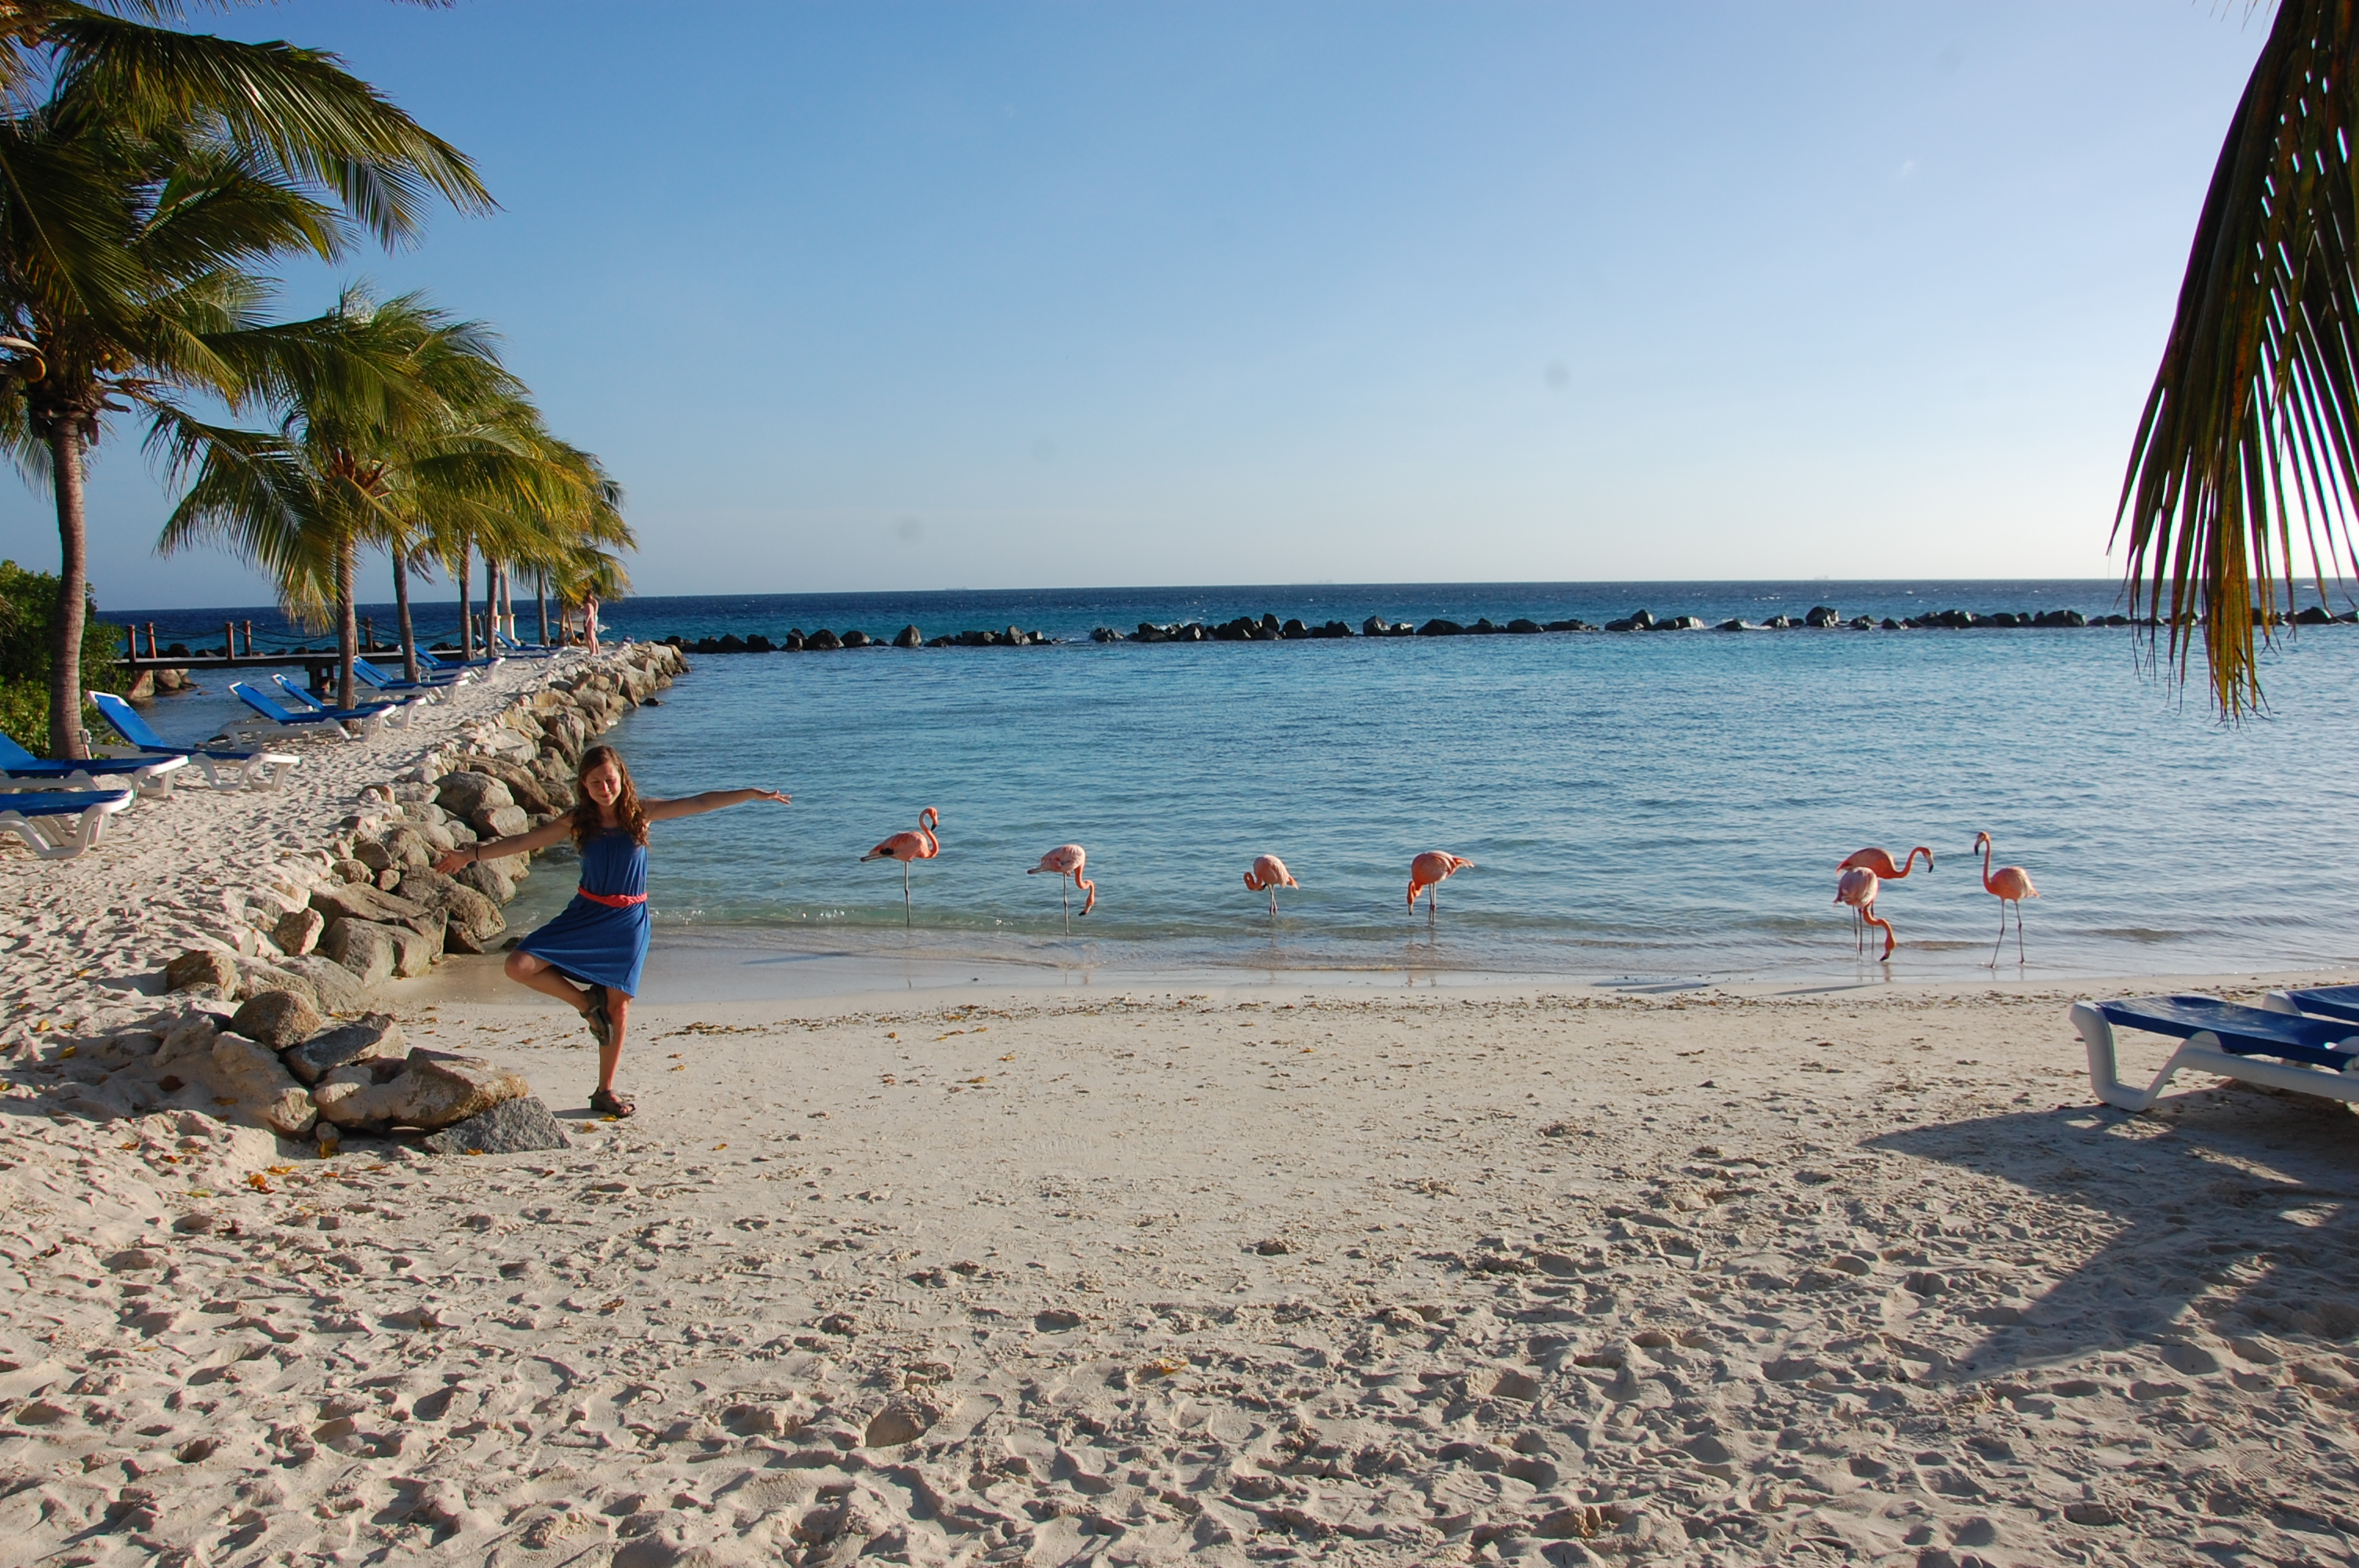 Vacaciones en Aruba - Directorio de hoteles y más original de la Guía de Viajes Aruba